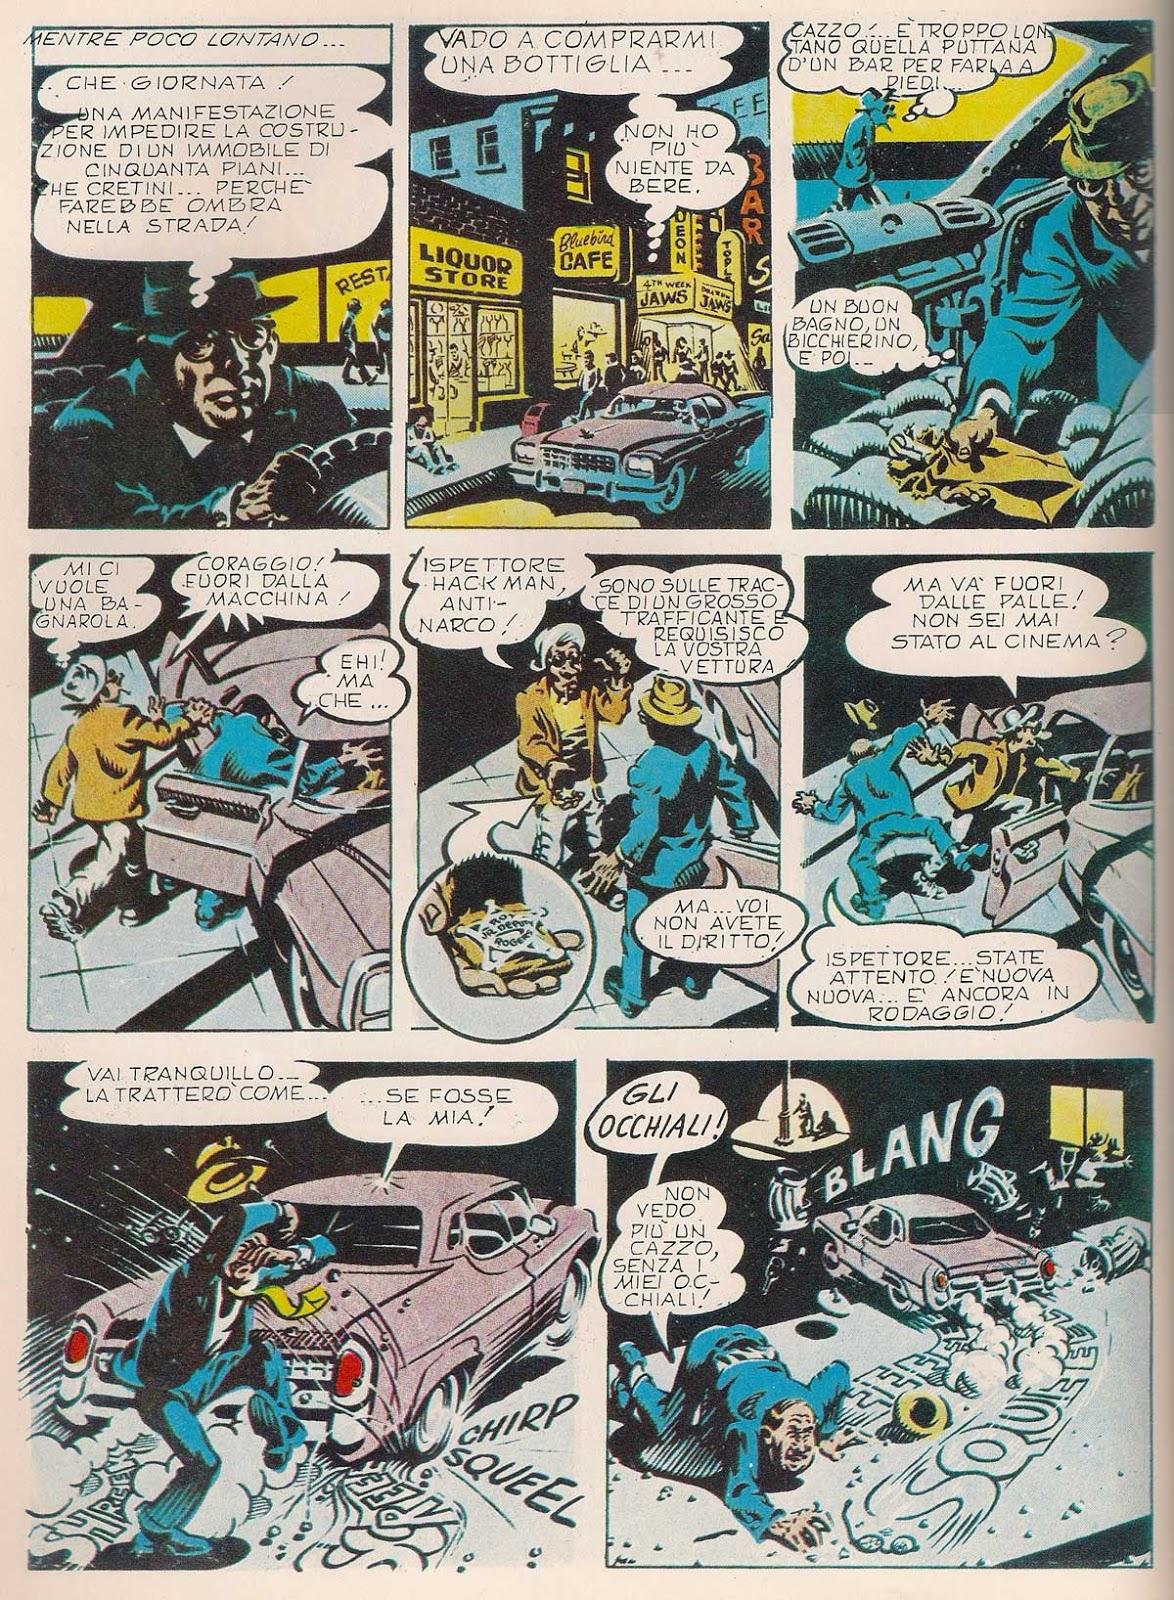 300-il-mondo-fantastico-di-scatoman_Essential 300 comics